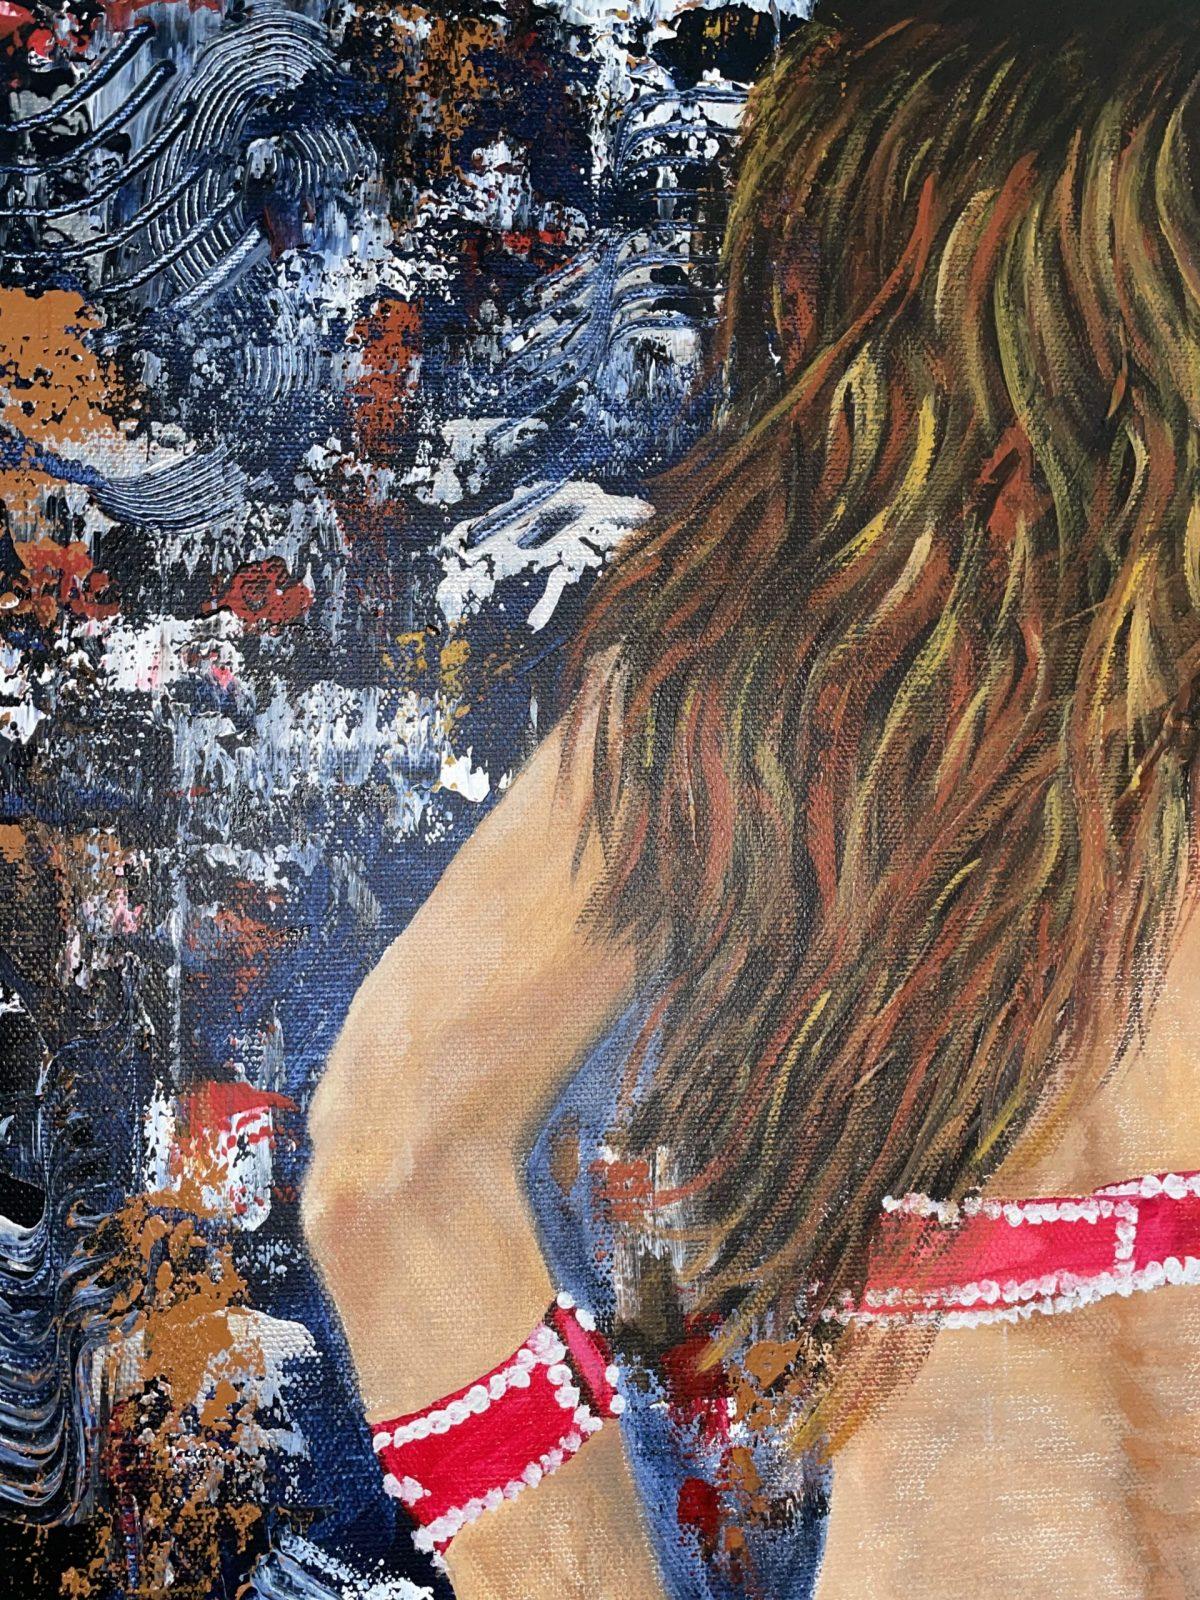 danseuse du Harem de Kate Art, gros plan sur les cheveux de la danseuse et texture de fond de tableau